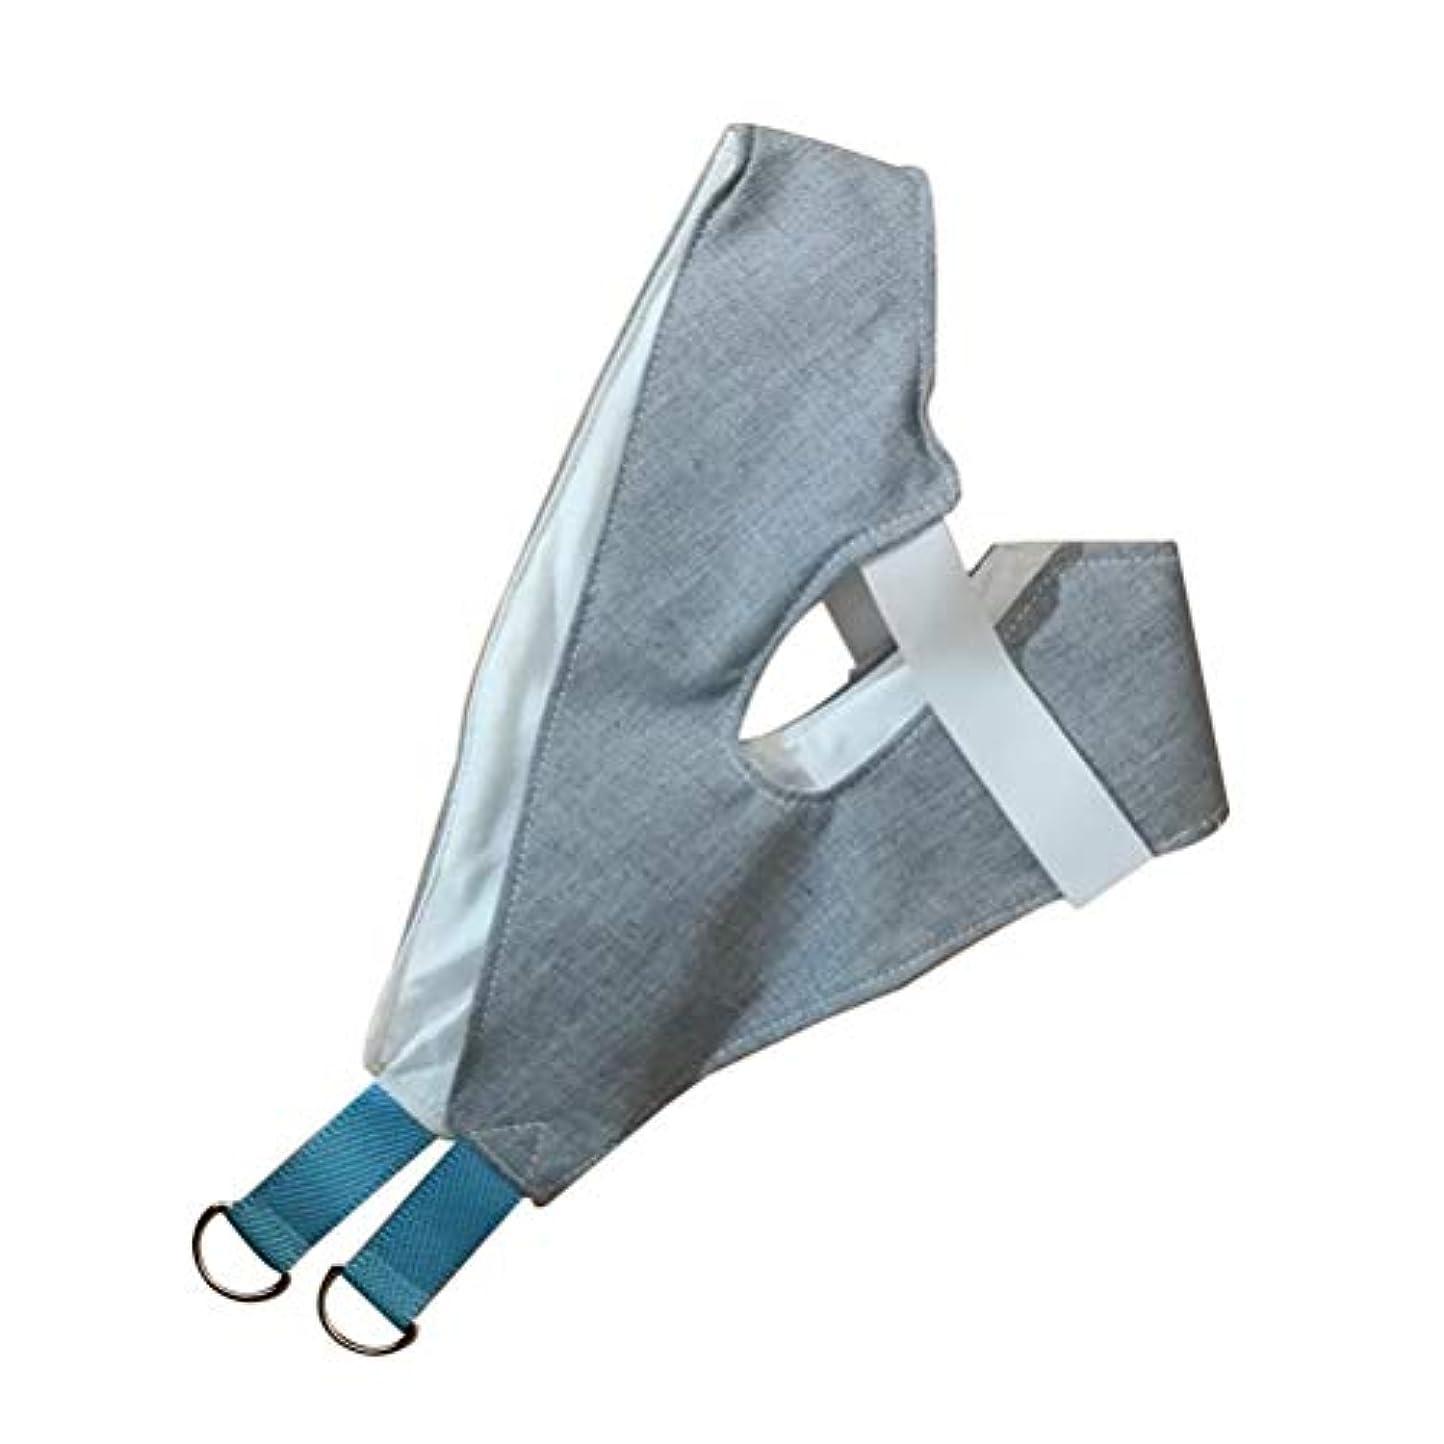 同意する資金発生器HEALLILY ホームネック牽引装置(ドアの向こう側)頸部牽引装置ユニット肩括弧頭痛緩和および回復用具(ラムダムカラー)